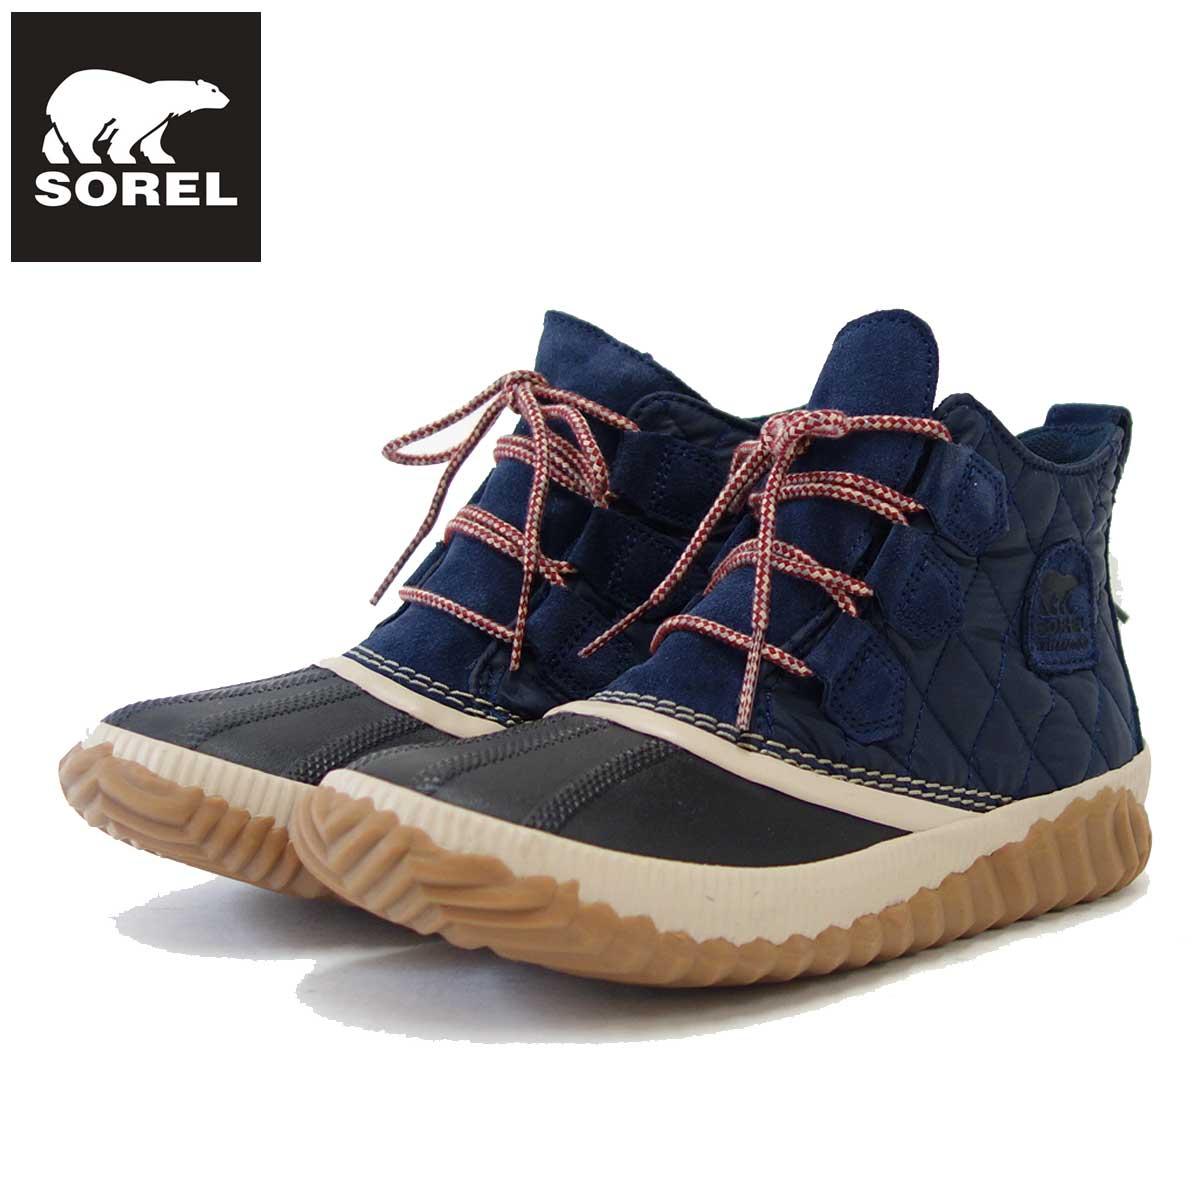 ソレル SOREL NL 3152(レディース) アウトアンドアバウト 2 キャンプ:ネイビー (464) 保温性・撥水性抜群の快適ウィンターブーツ 「靴」